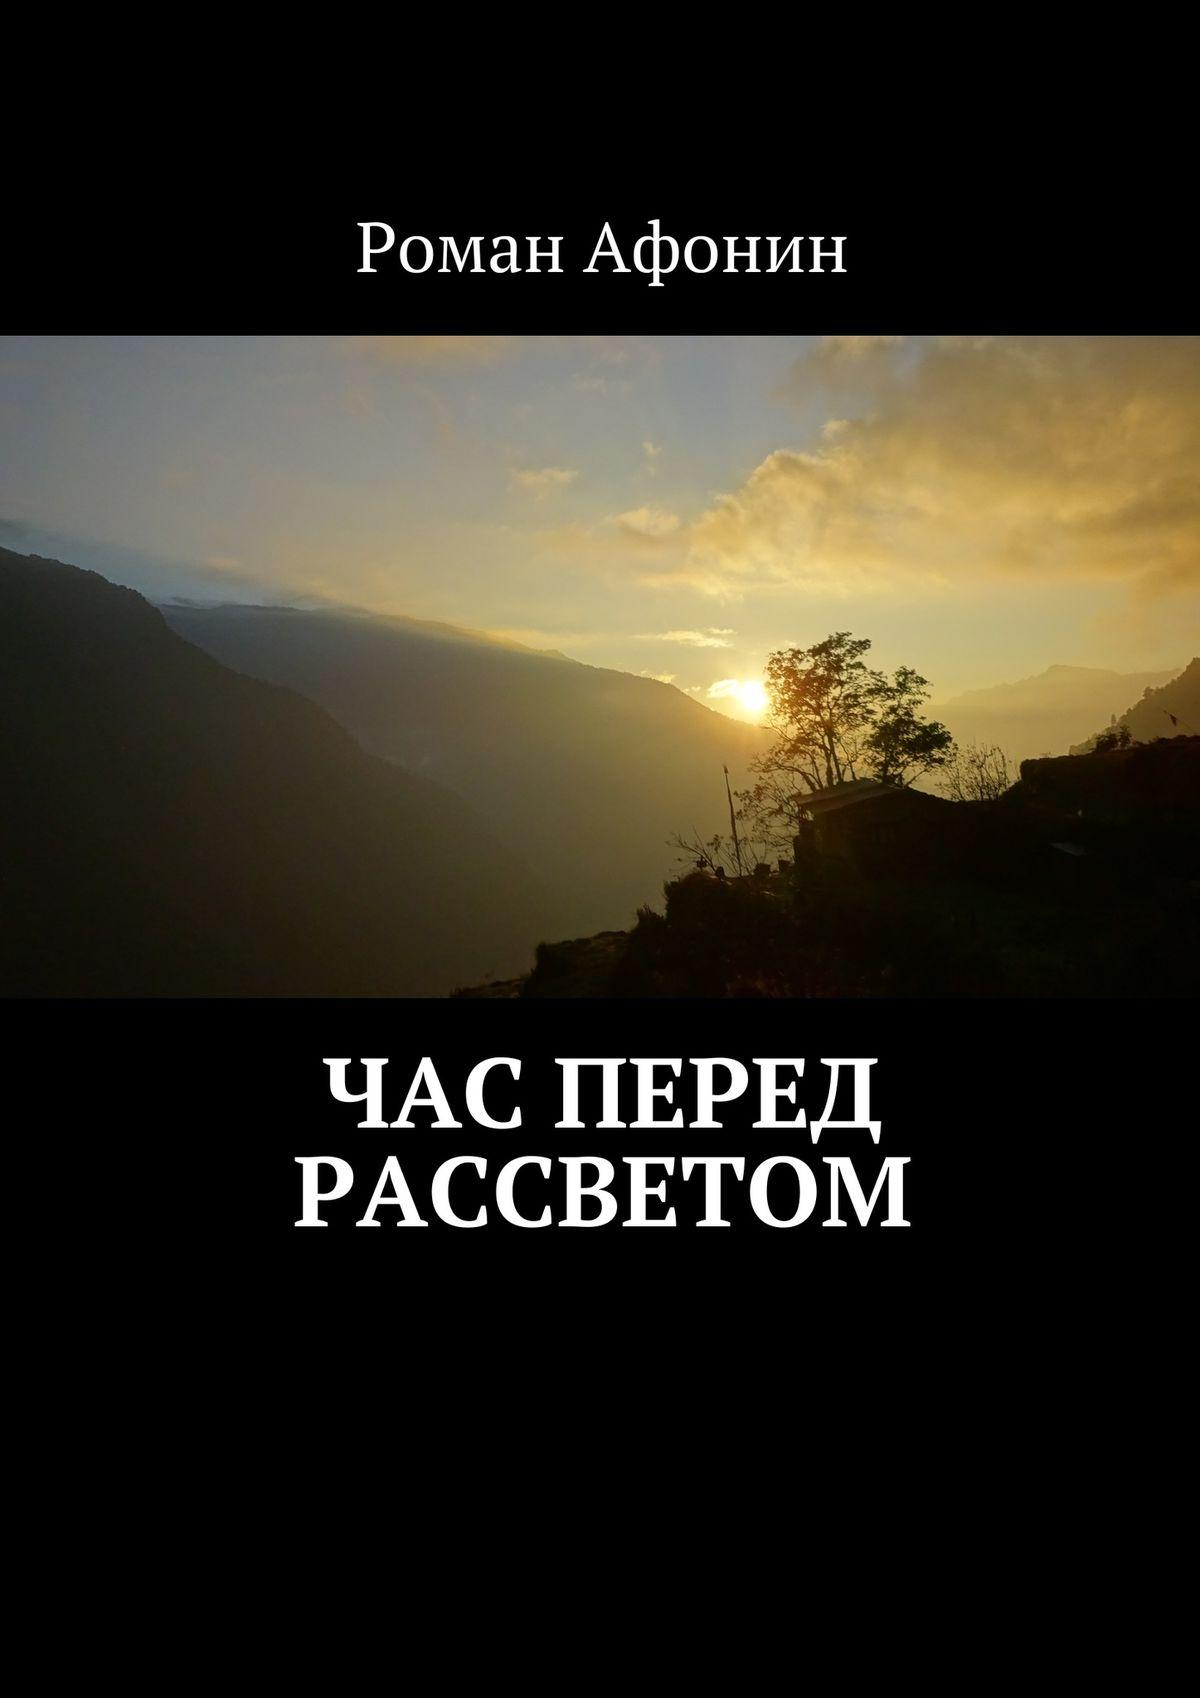 Роман Афонин Час перед рассветом калашников м а трансформа между сном и явью фантастический роман